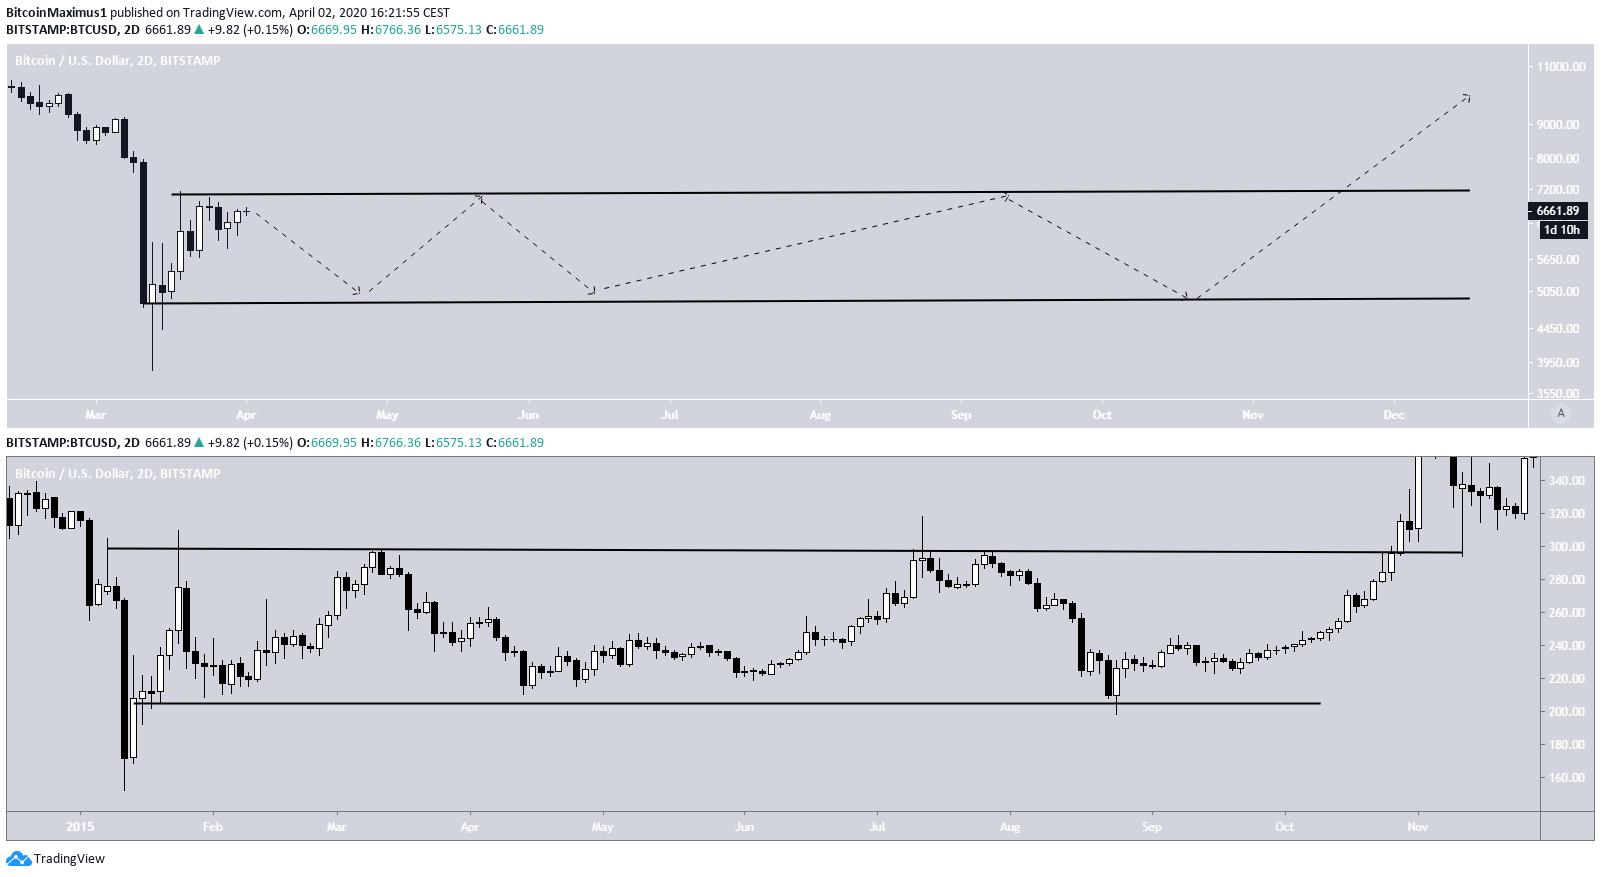 Bitcoin Comparison